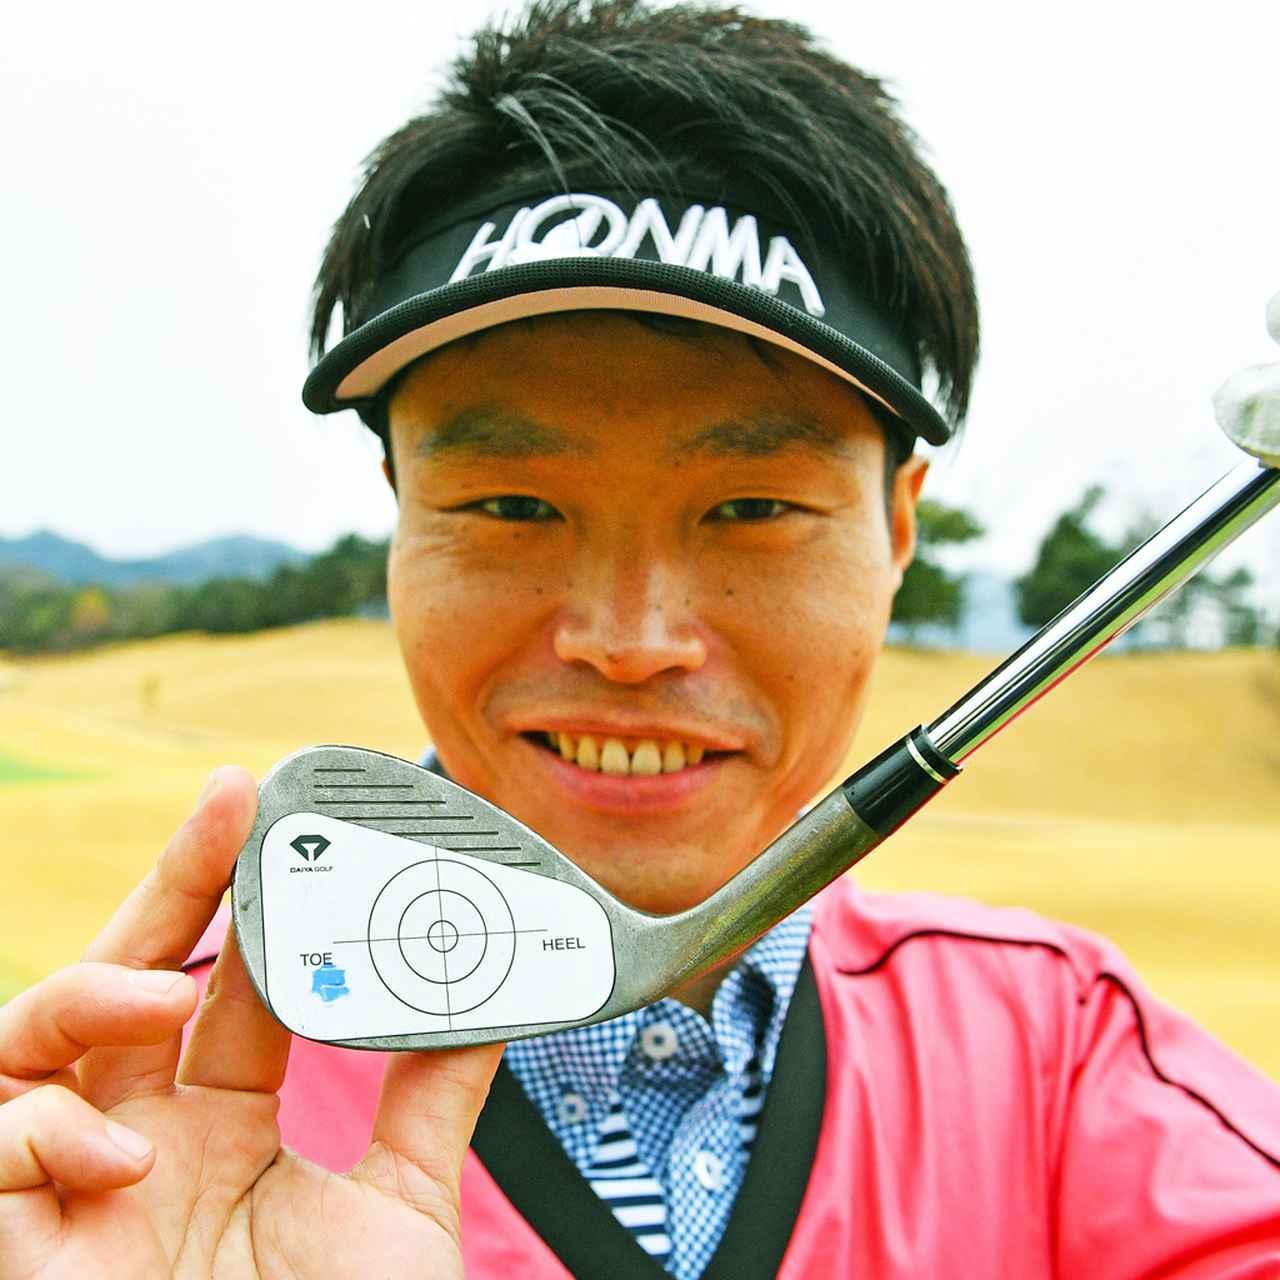 画像: 【難ライ寄せ名人】林 俊助さん (33歳/ゴルフ歴10年/HC7)薄芝、砂地、ベアグラウンドなどからやわらかい球を打つアプローチが得意。ゴルフを始めて5年で80の壁を突破した